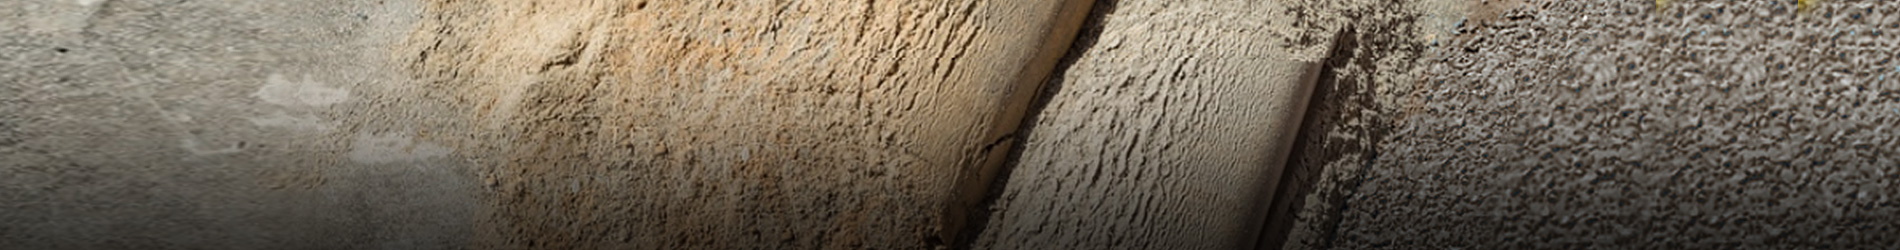 Flüssigboden Mörtel Recycling-Baustoffe Gleisschotter Asphaltmischgut